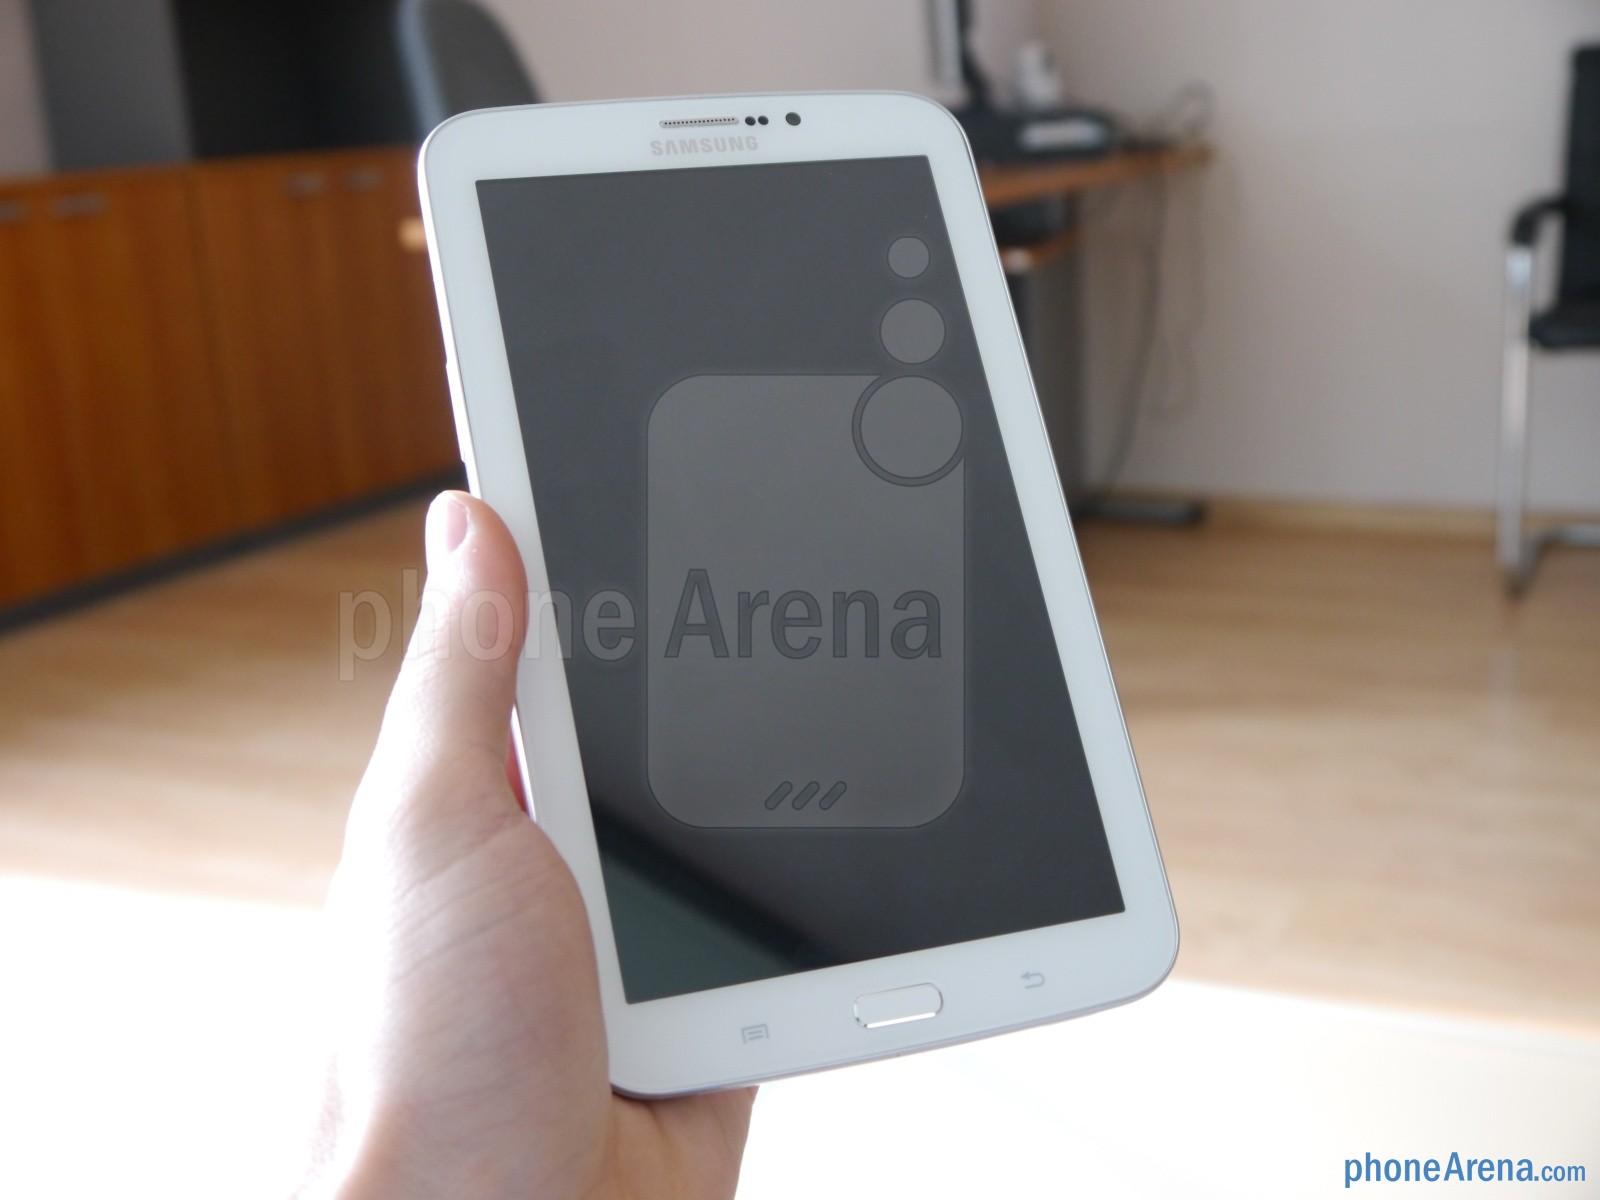 Samsung-Galaxy-Tab-3-7-inch-images (3)